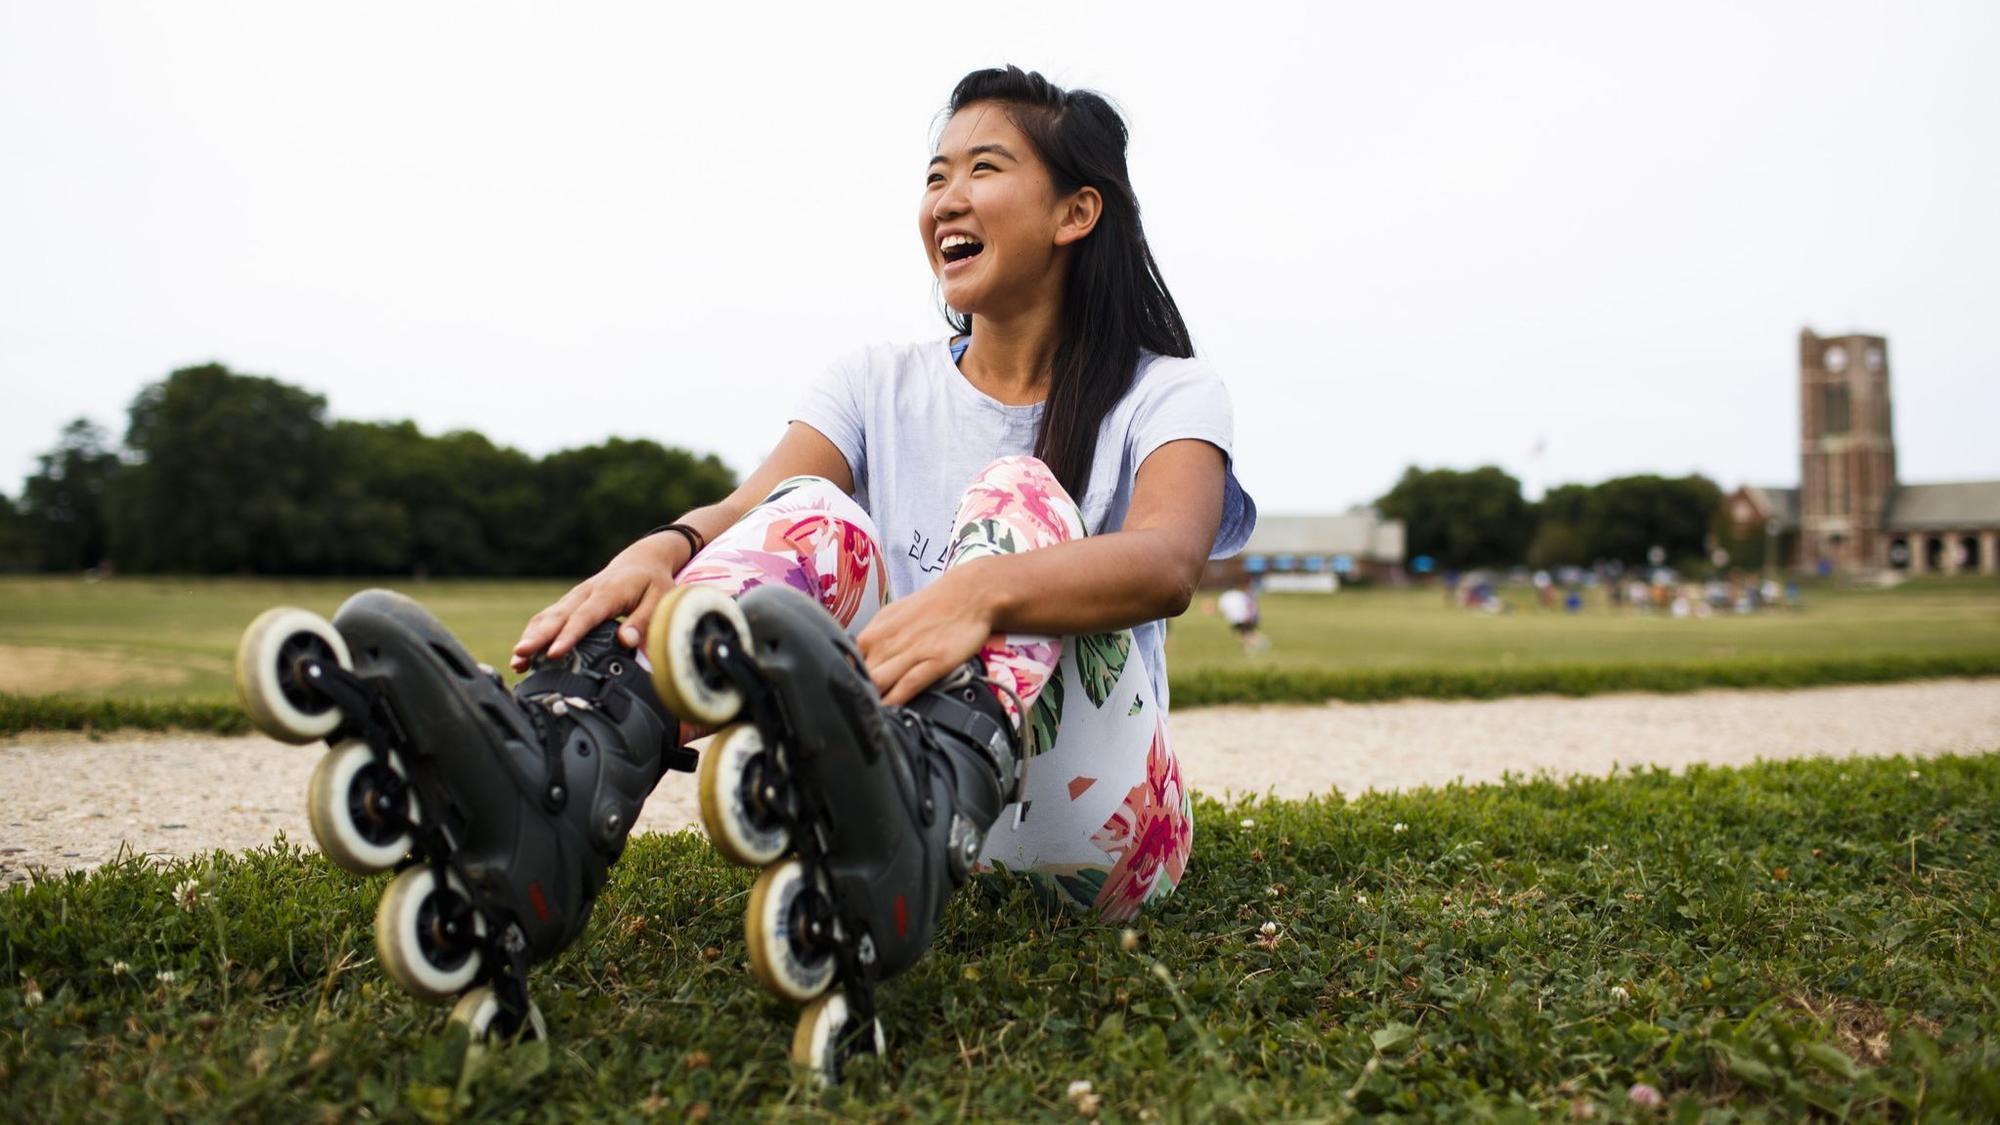 Cô gái 23 tuổi trượt patin xuyên nước Mỹ mà không một xu dính túi, thậm chí không có cả thức ăn nước uống - Ảnh 3.